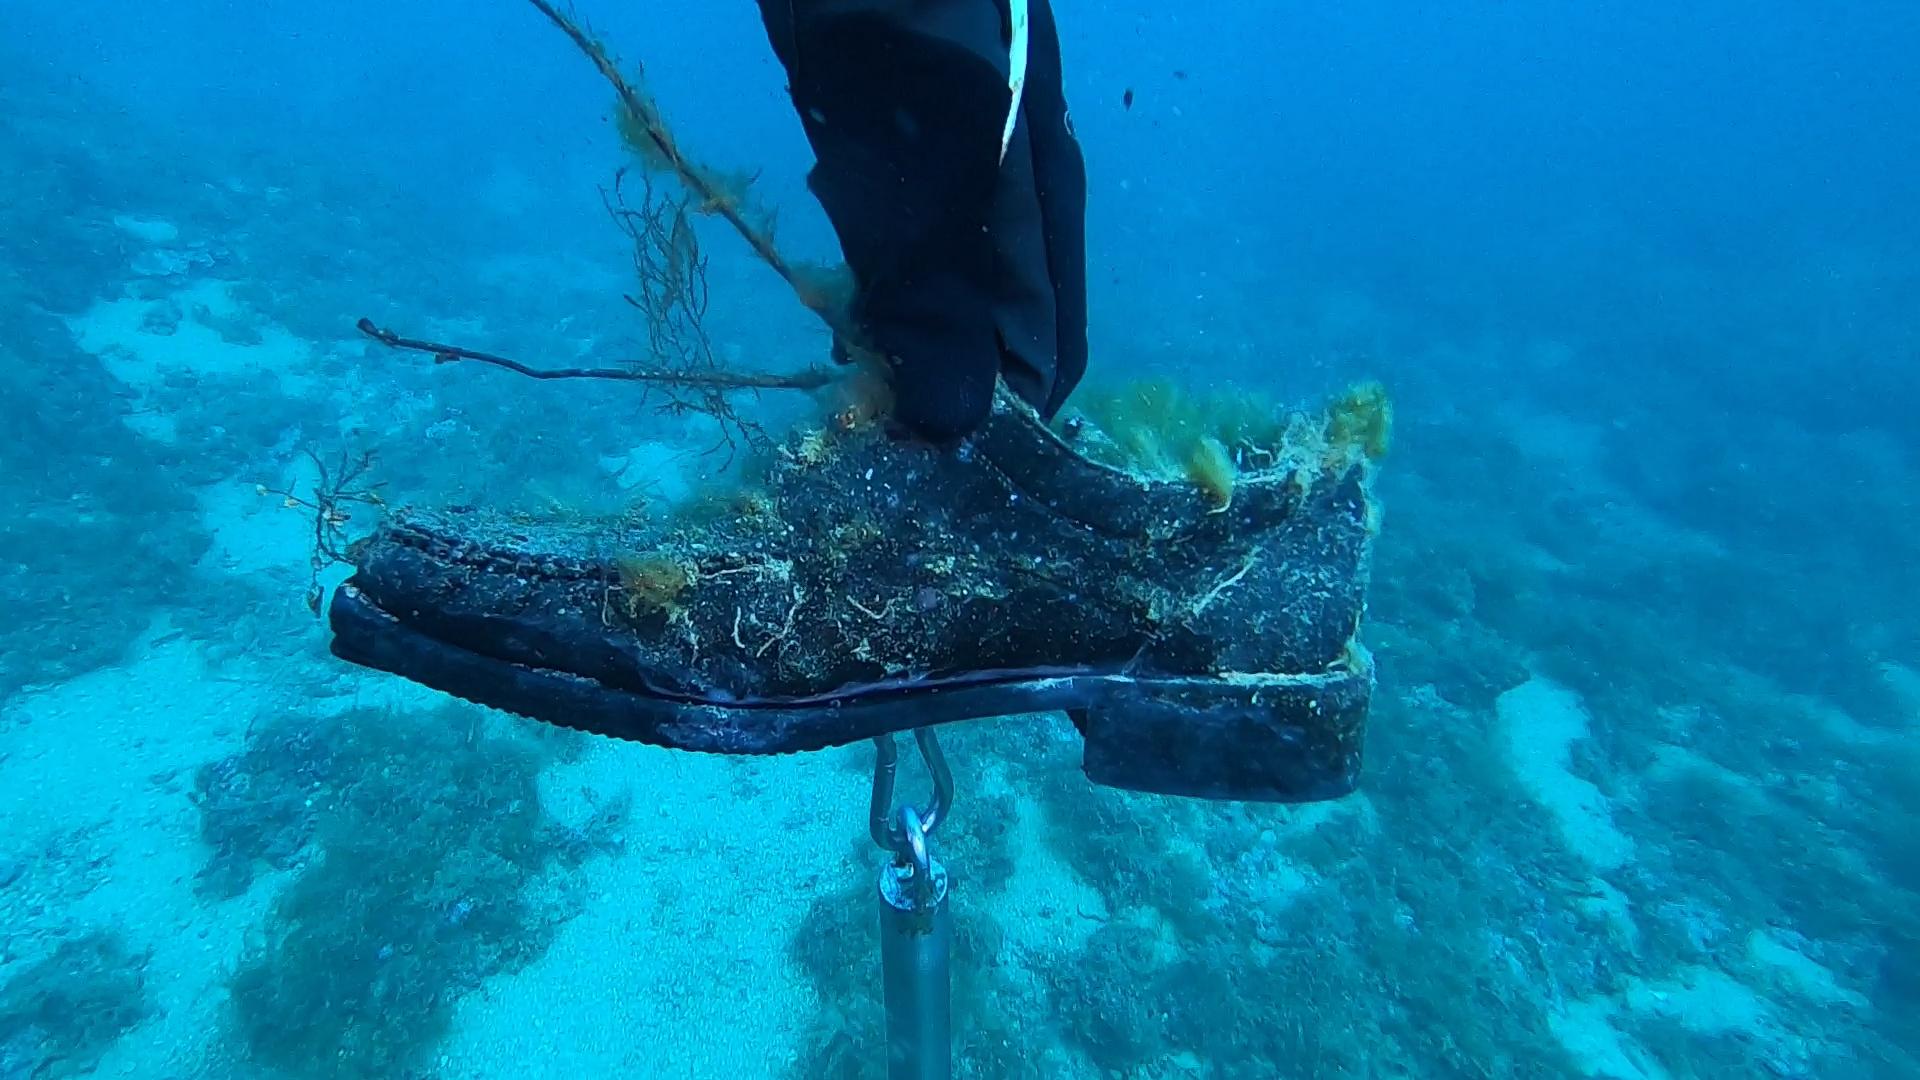 Rispetto del mare - Respect for the sea - intotheblue.it